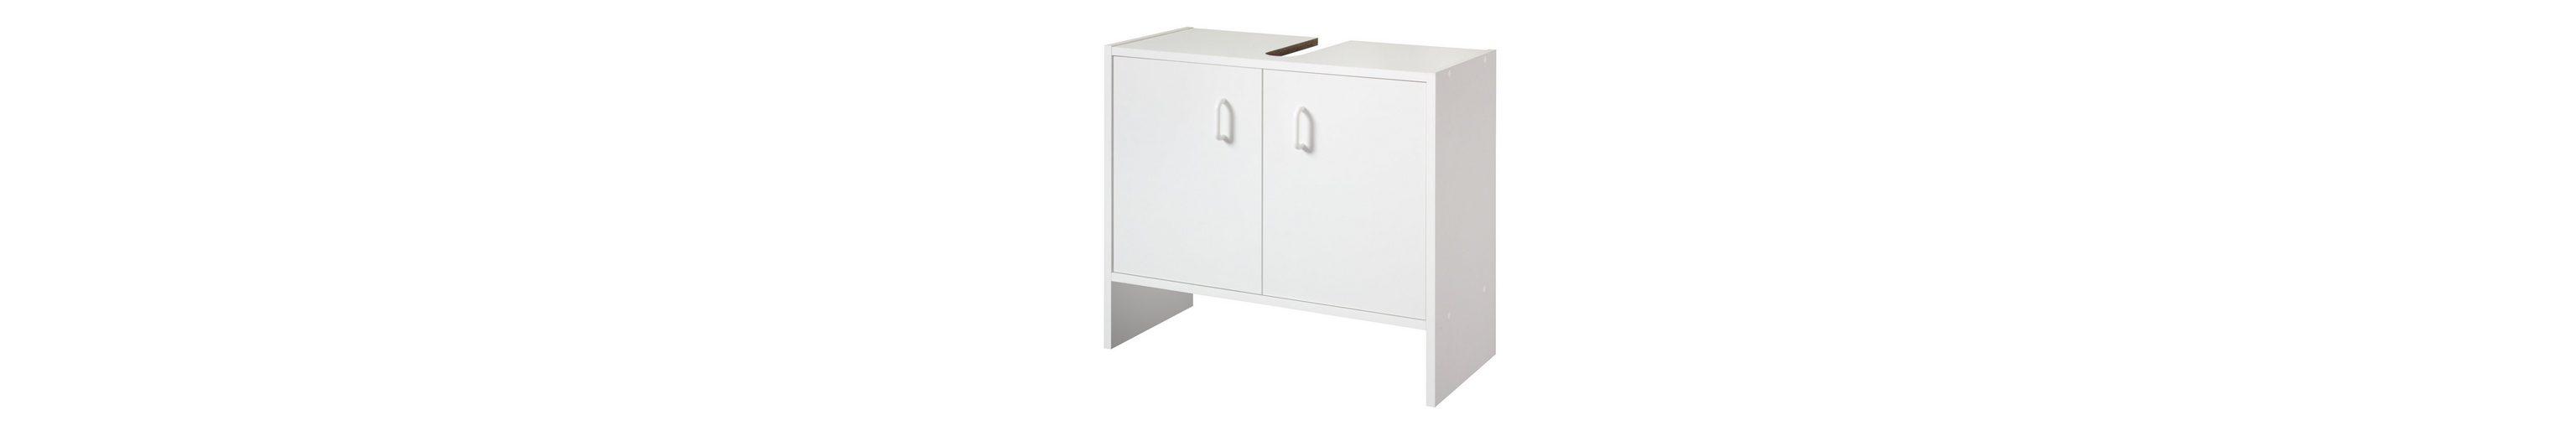 Waschbeckenunterschrank »Basic«, Breite 60 cm